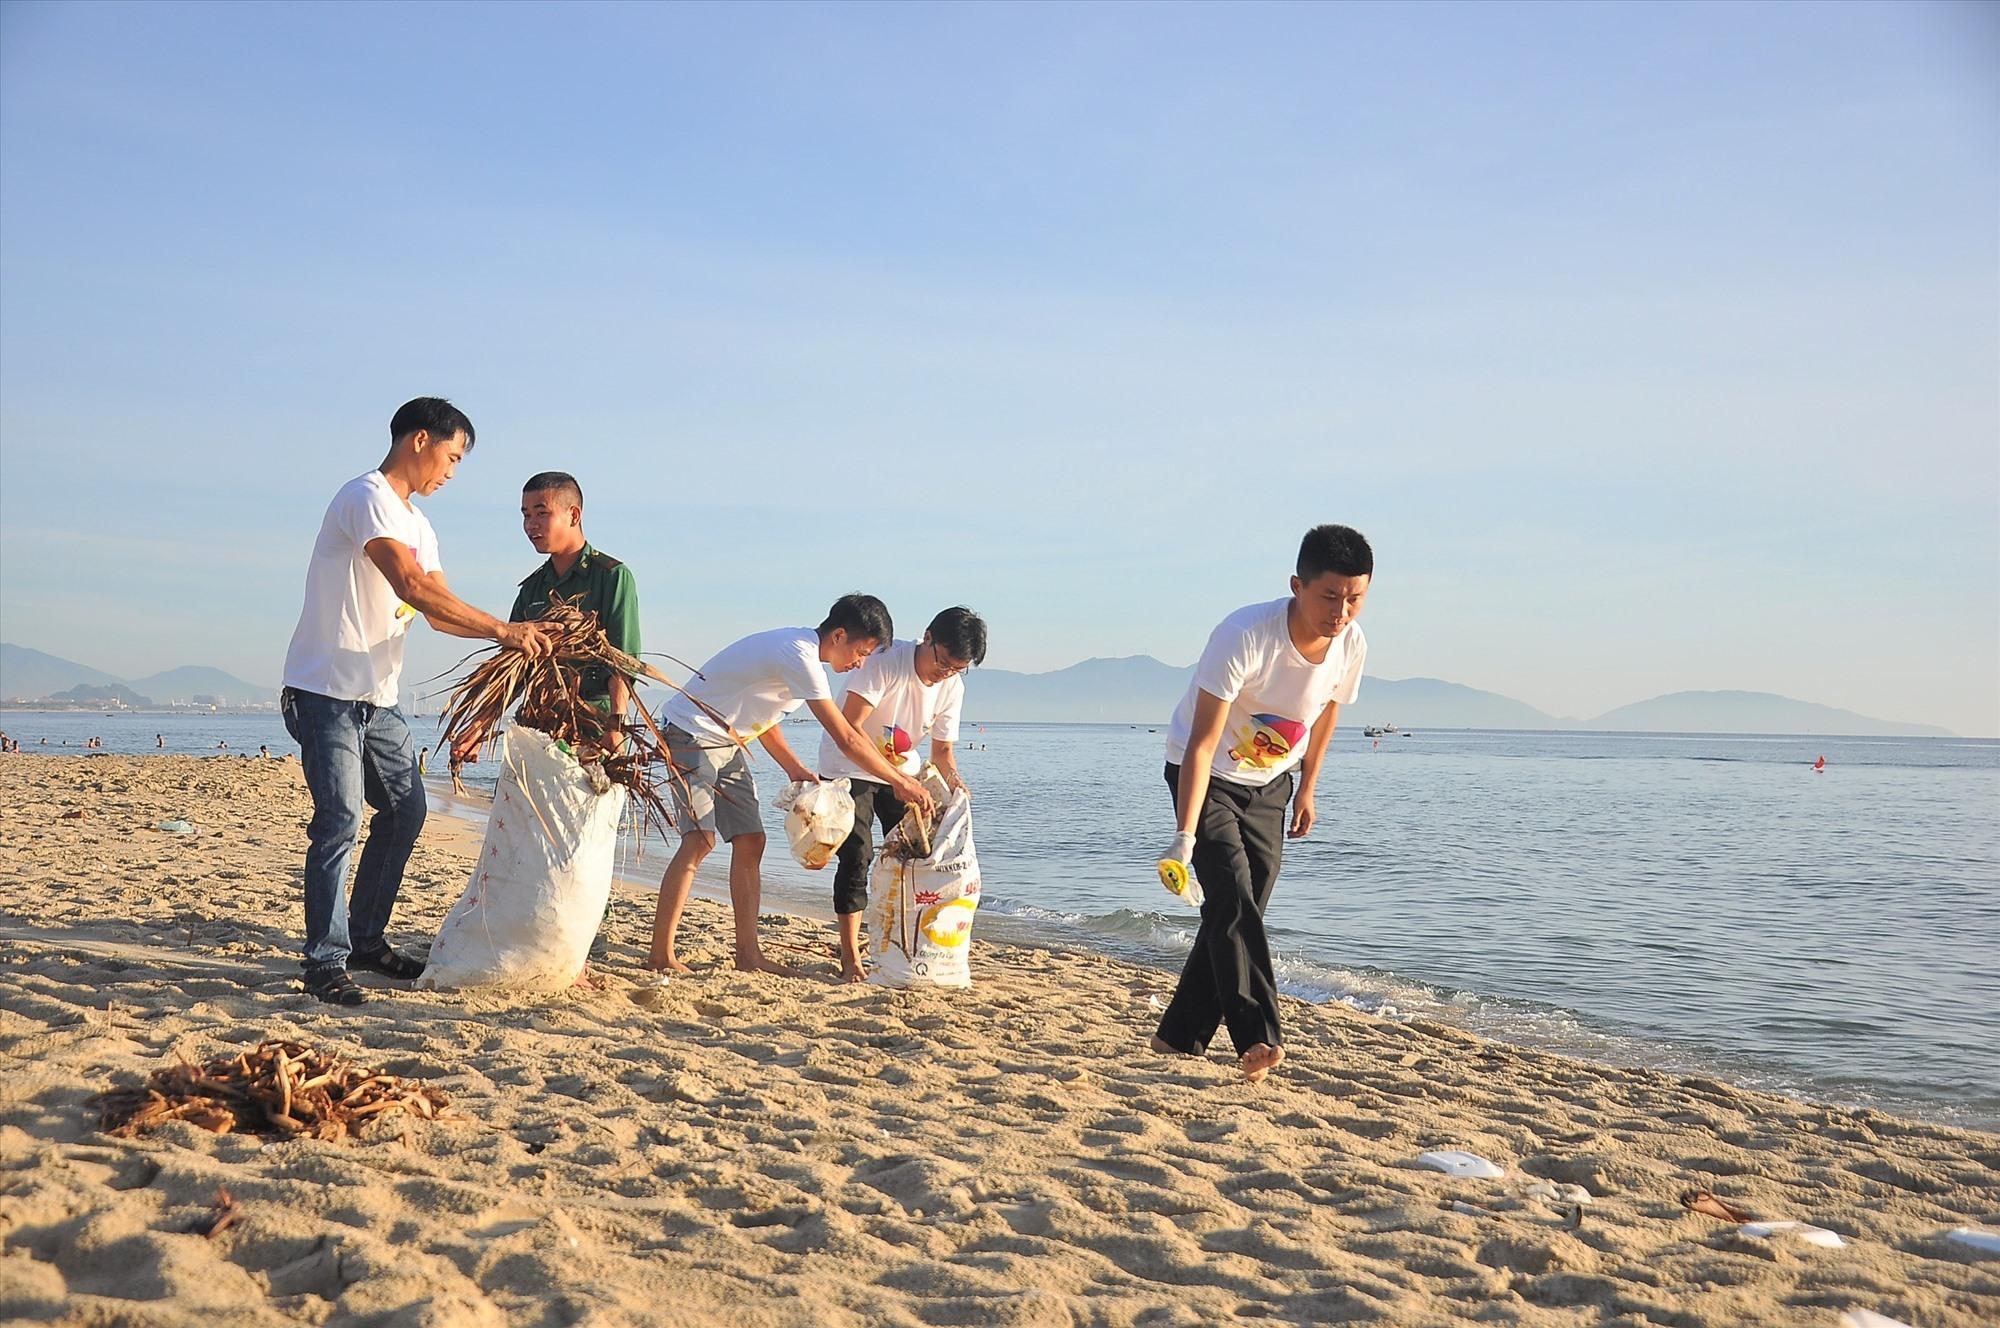 Bãi biển Thống Nhất (phường Điện Dương) trở nên sạch sẽ hơn sau khi các bạn trẻ tổ chức ra quân dọn vệ sinh. Ảnh: VINH ANH